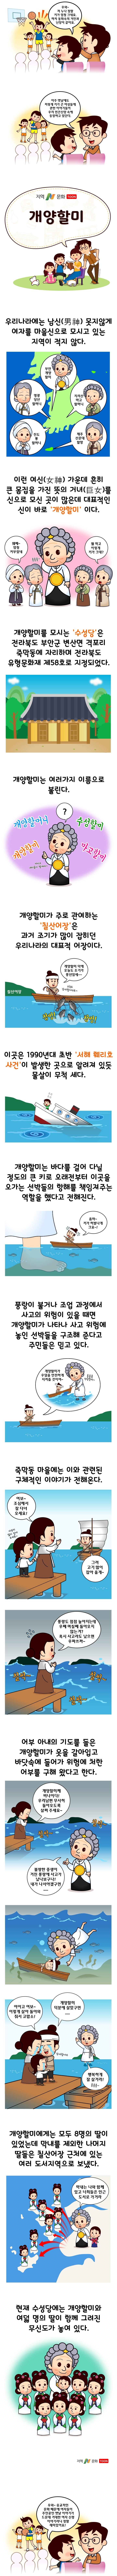 부안군 죽막동 수성당에 모셔진 개양할미는 크기가 무척 큰 신으로 바다를 관여하는 신이다. 개양할미는 아주 오래전부터 칠산어장을 오가는 선박들의 항해를 책임져주는 역할을 하고 있다. 지역에 전해오는 이야기에 따르면 개양할미는 바닷물이 발등 위에 조금 올라올 정도로 키가 크고 먼 바다를 다닐 때면 늘 걸어 다녔다. 자연스레 풍랑이 불거나 조업 과정에서 사고의 위험이 있을 때면 개양할미가 나타나 사고 위험에 놓인 선박들을 구조해준다고 주민들은 믿고 있다.